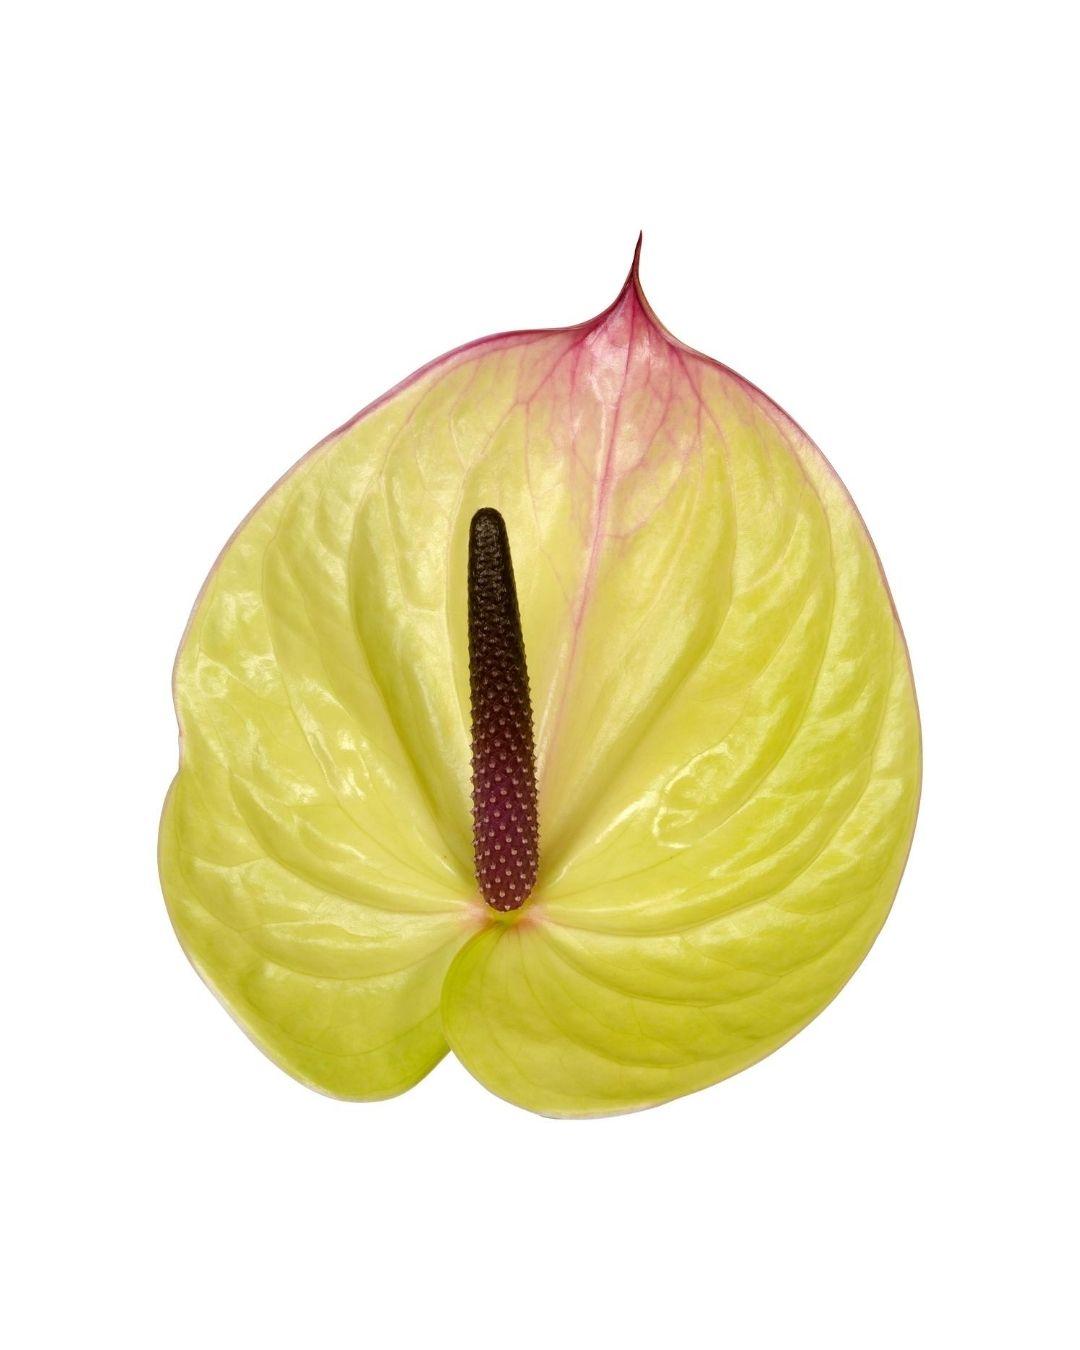 Voici les nouveaux anthuriums, en fleur coupé et en pot